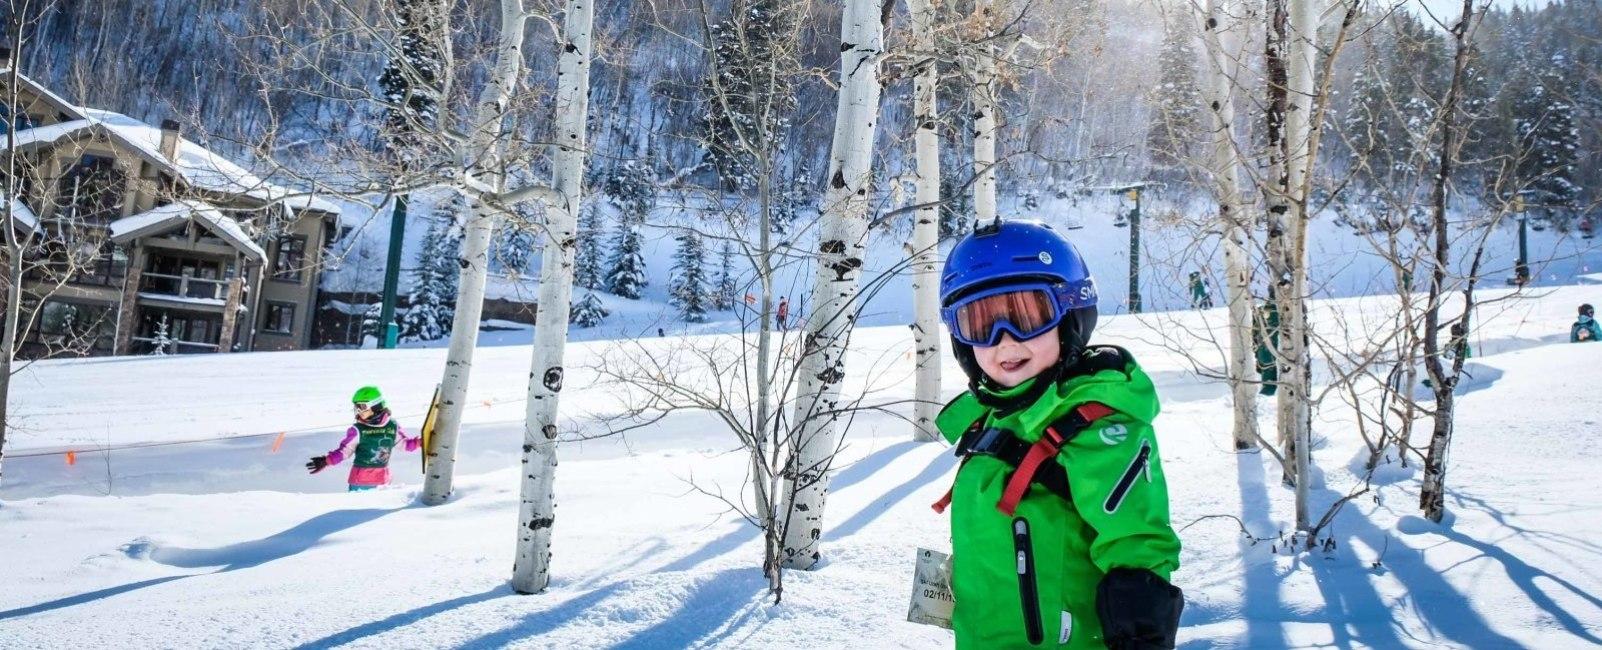 Growing a Skier at Deer Valley